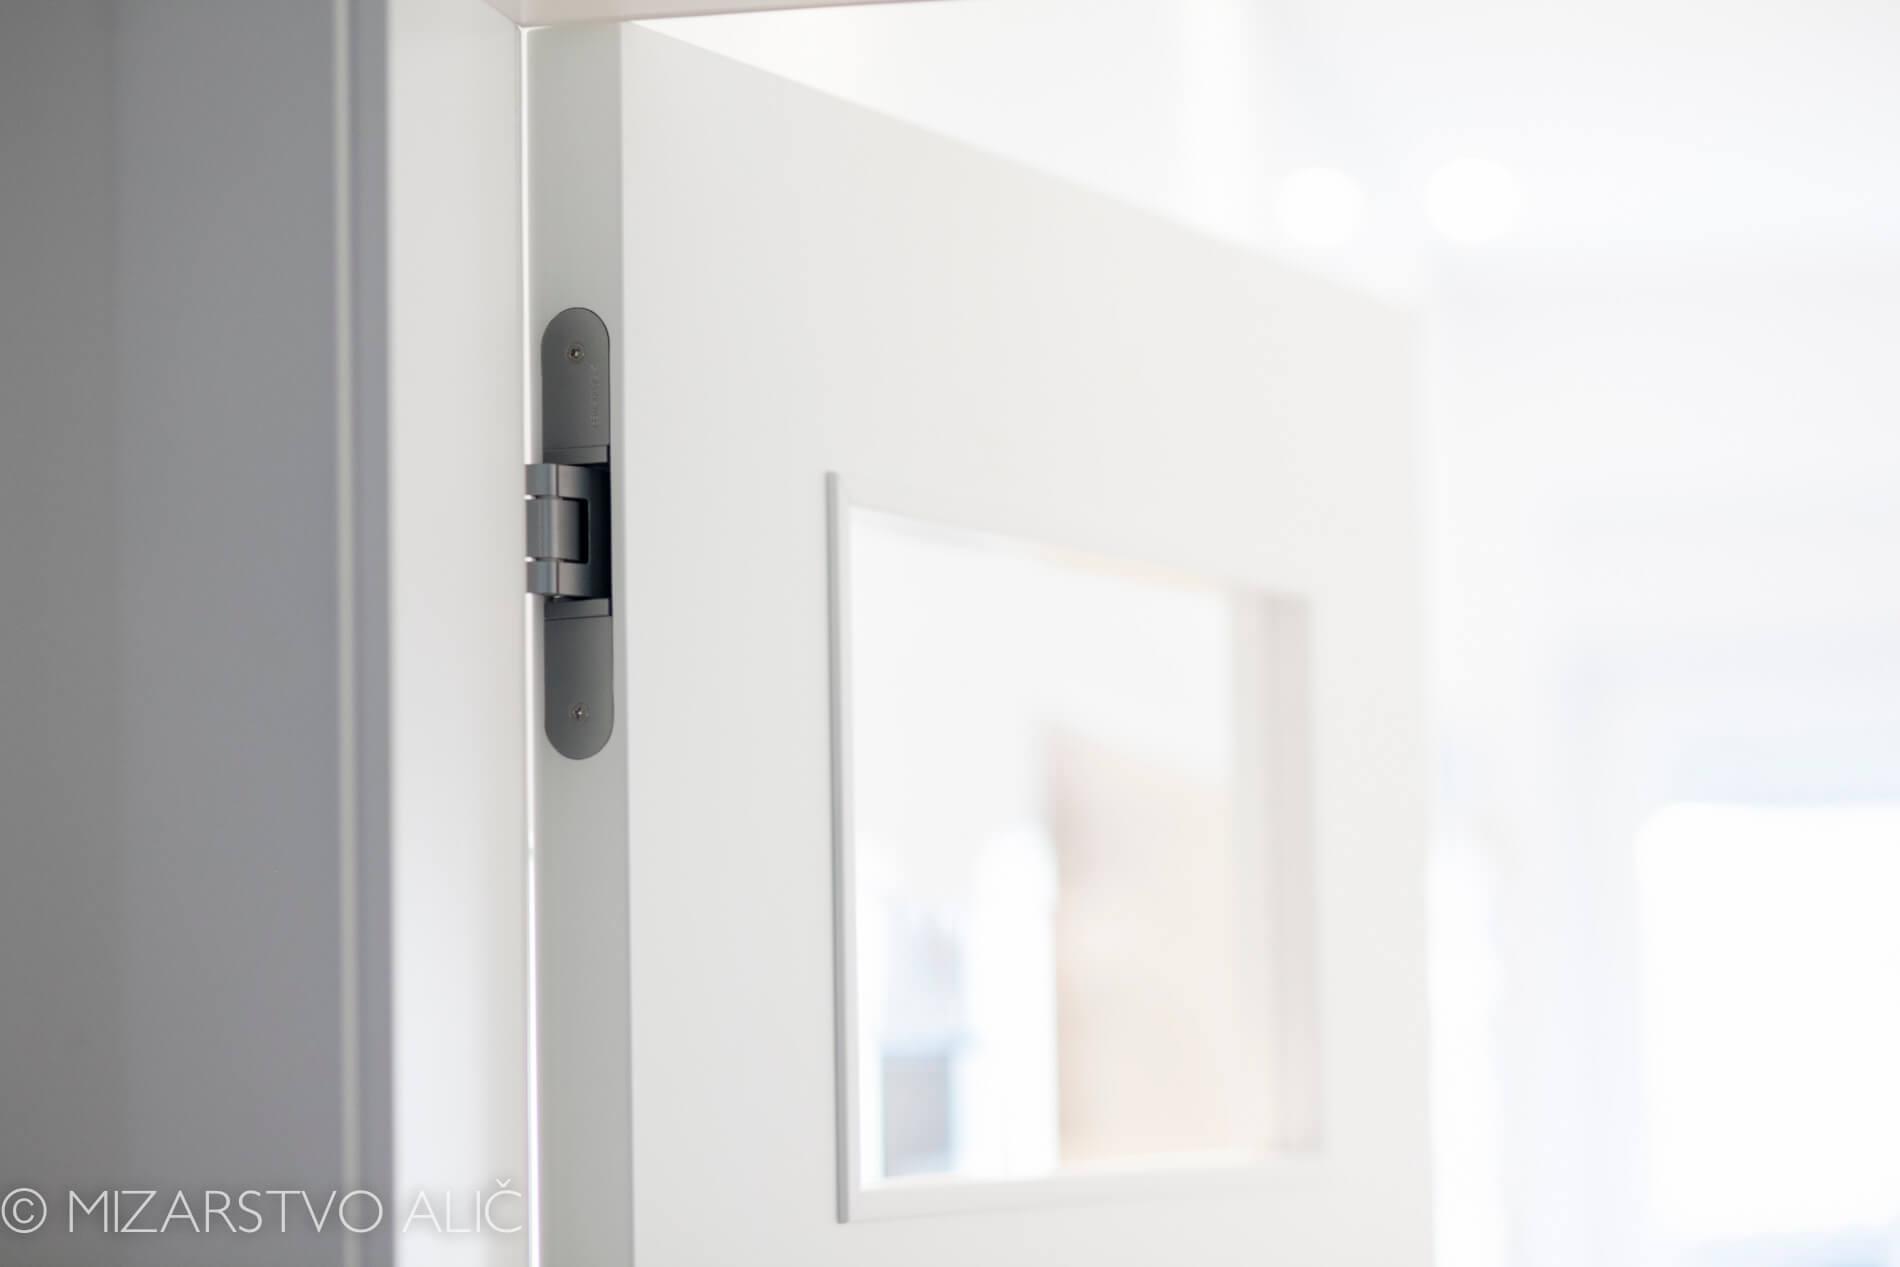 bela barvana Notranja vrata s skritimi nasadili